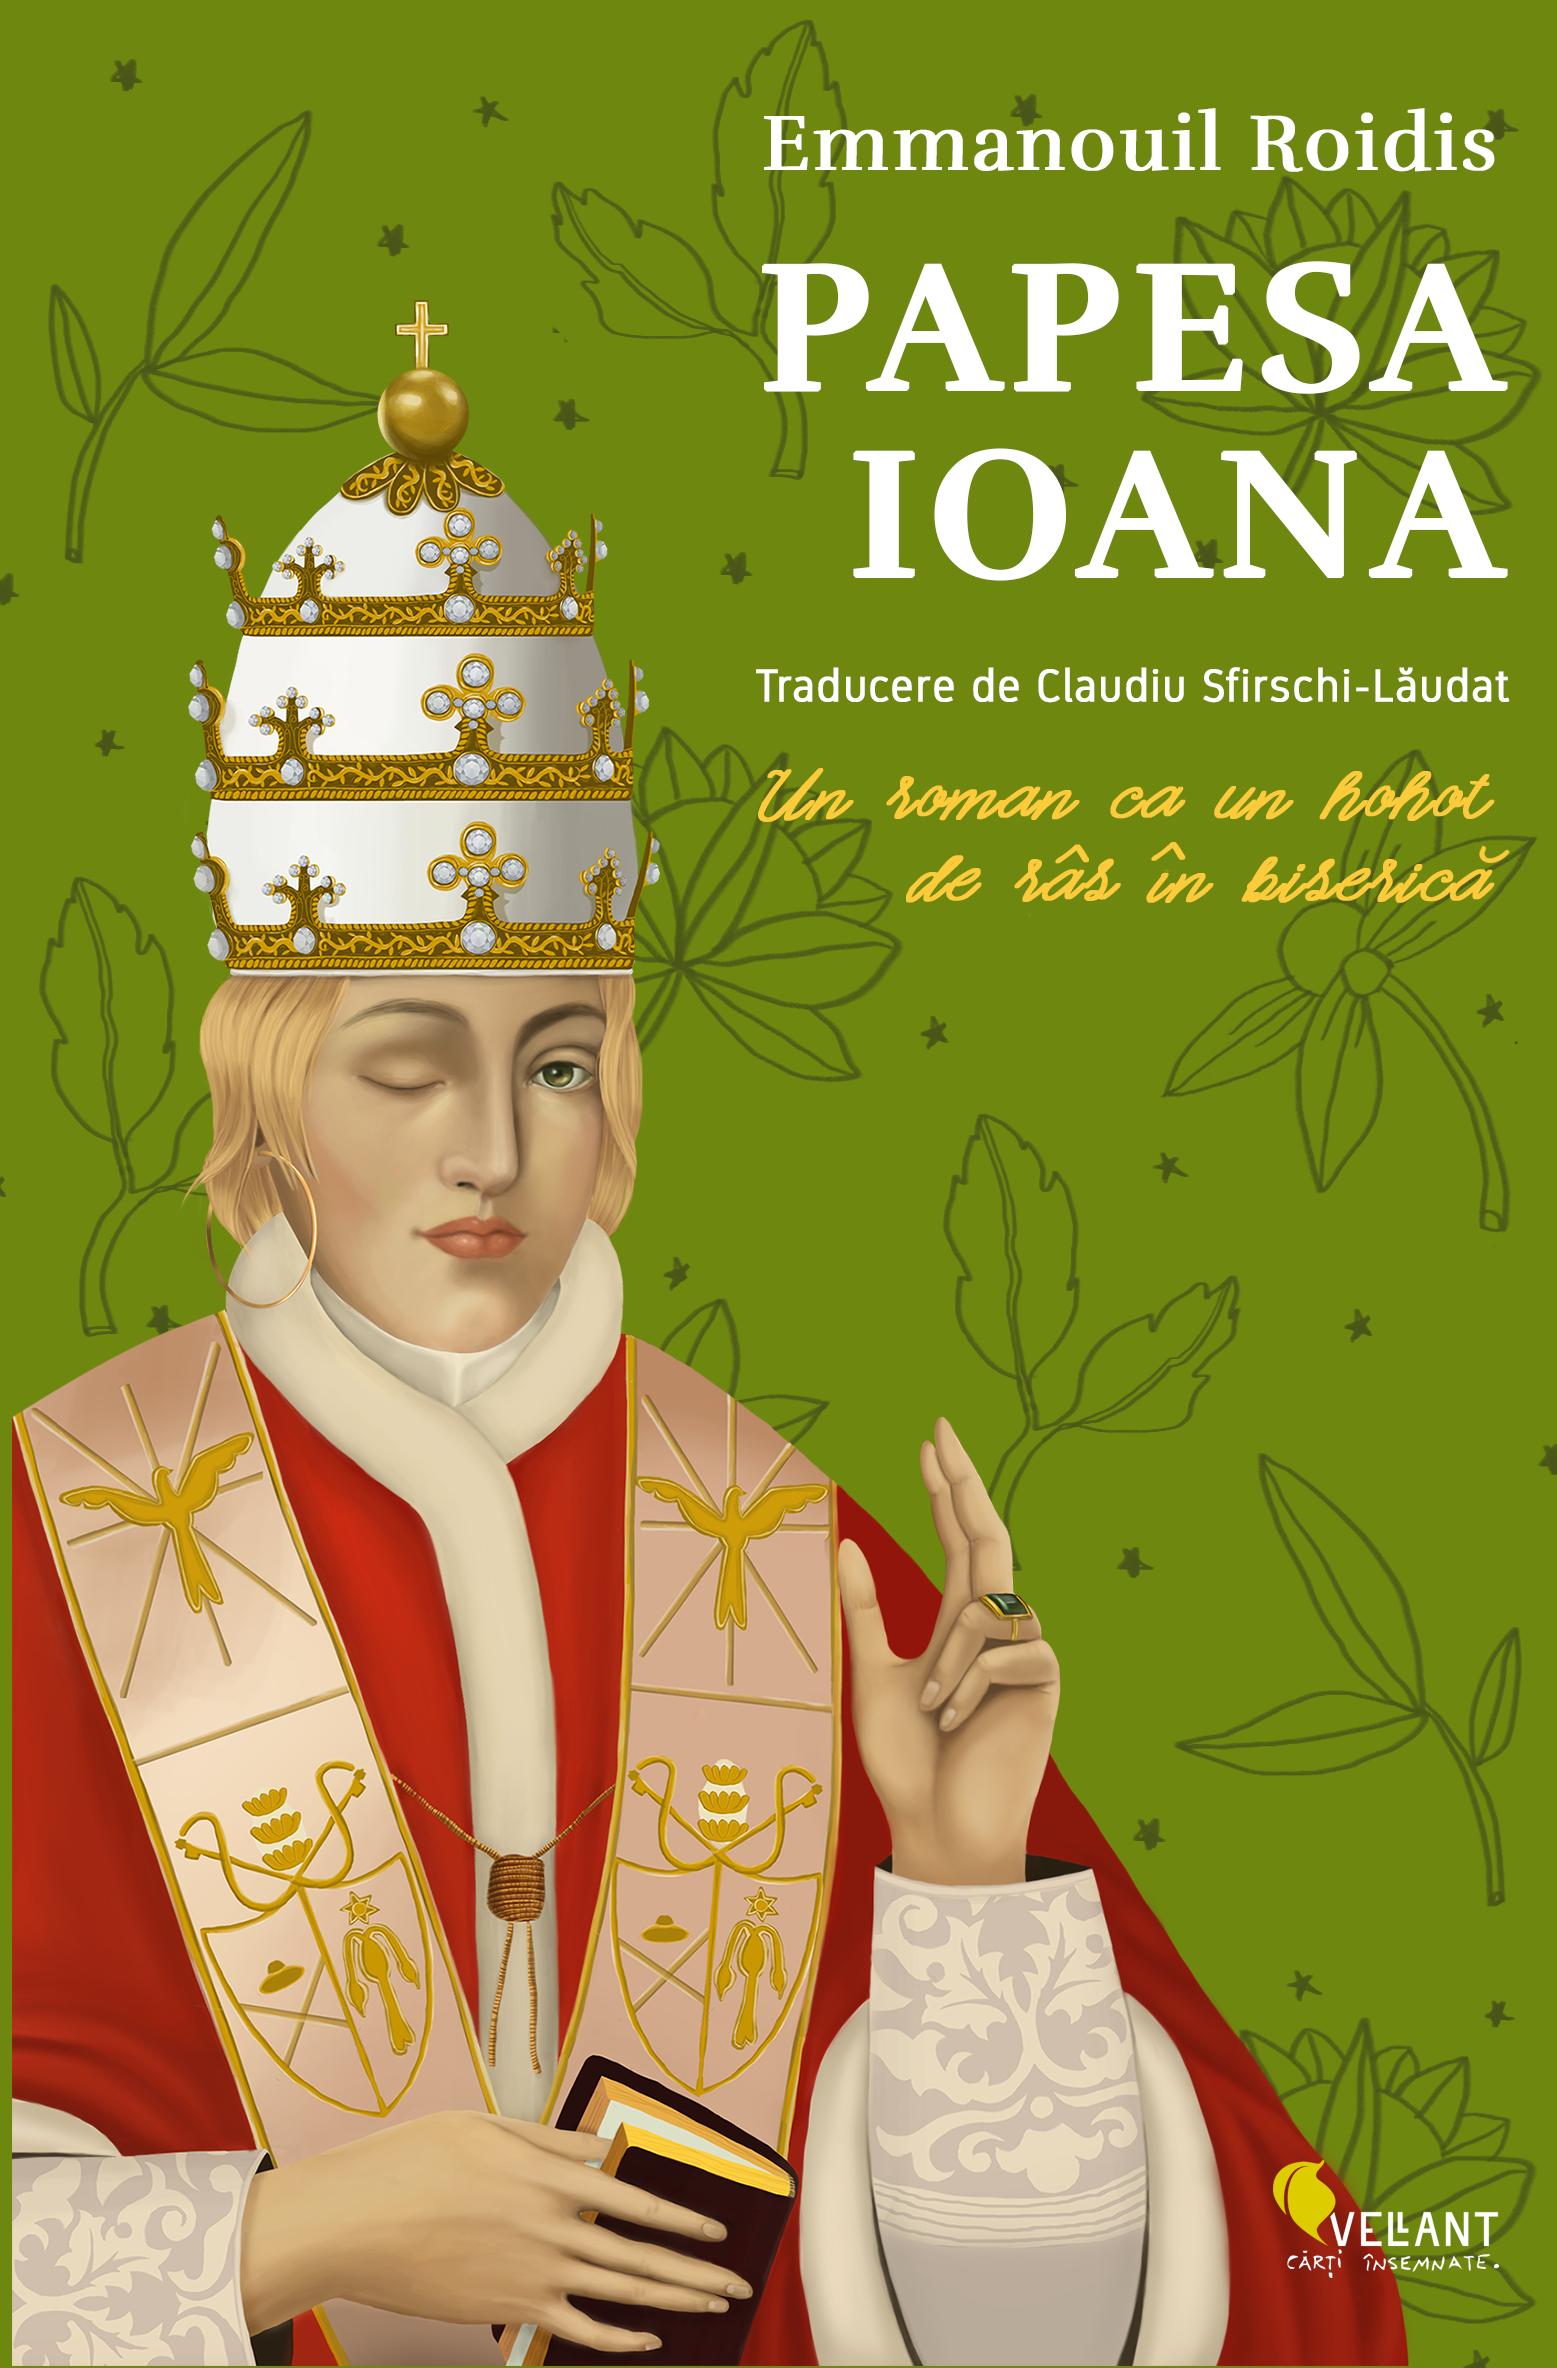 Papesa Ioana